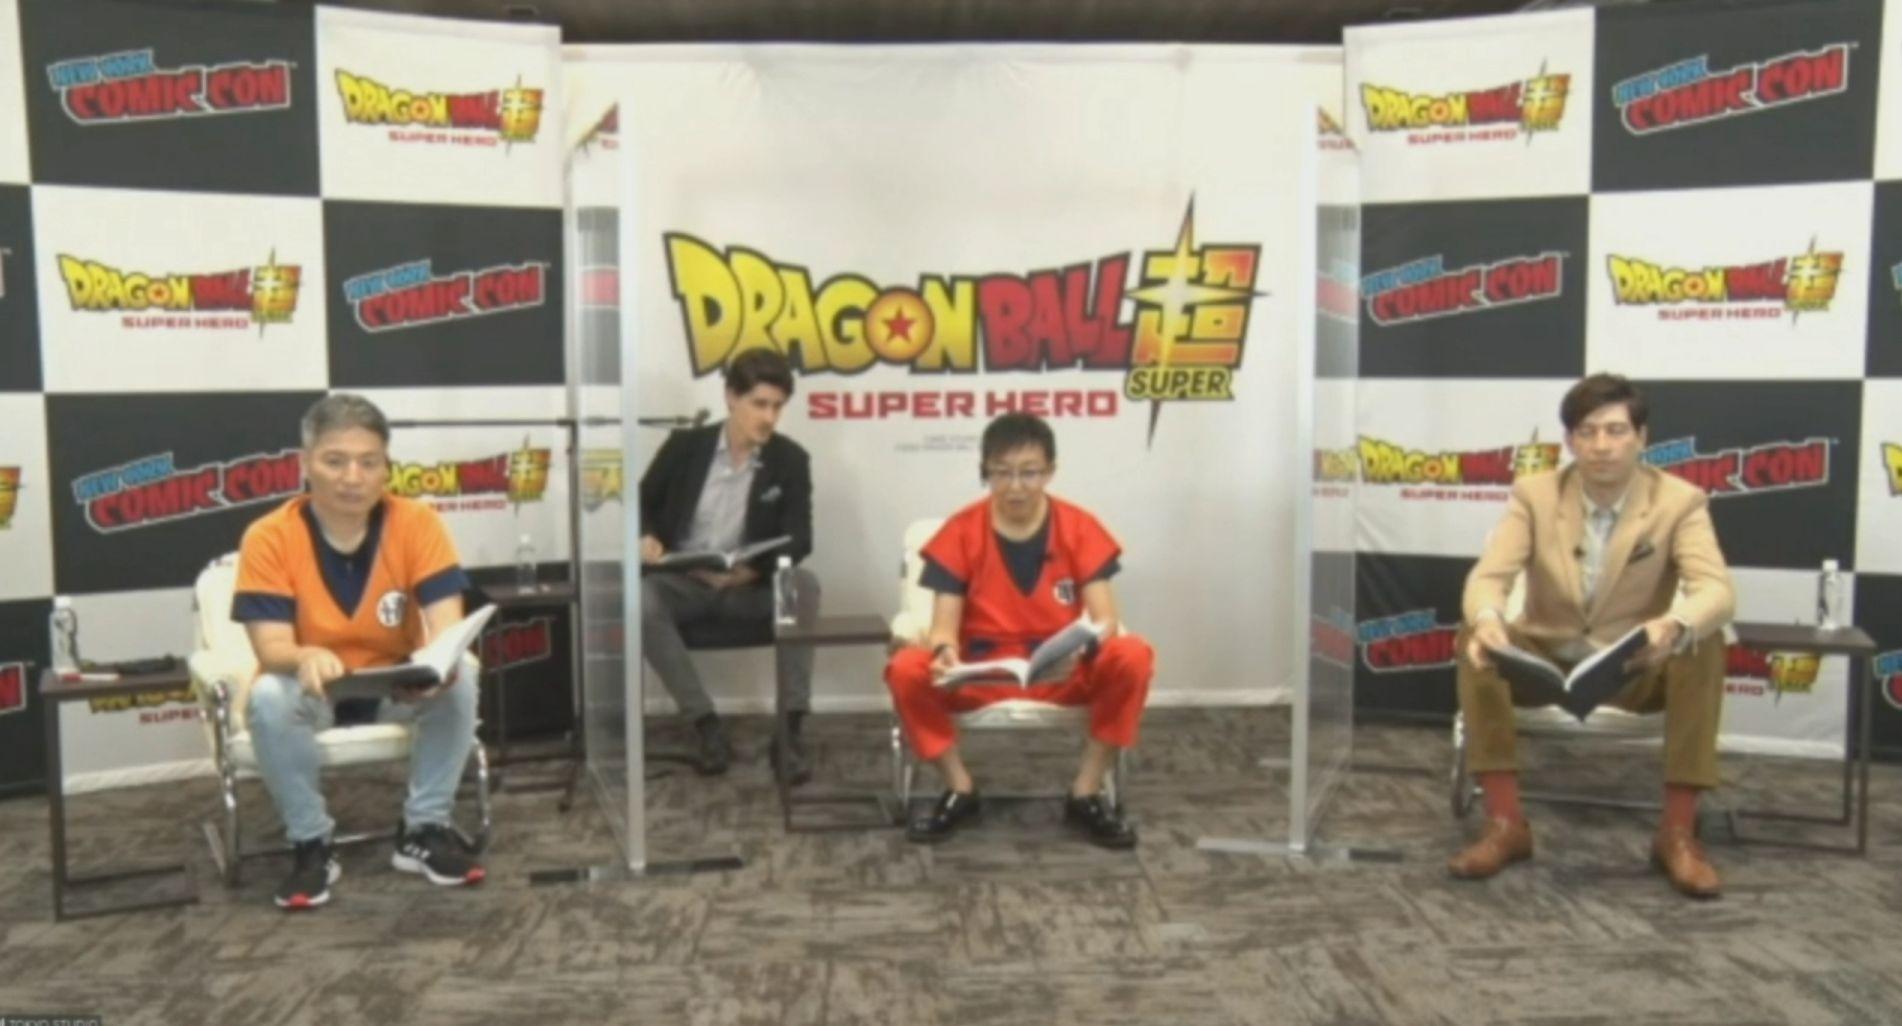 Recapitulação do painel da Comic-Con dedicado ao novo filme Dragon Ball Super 2022: Super Hero